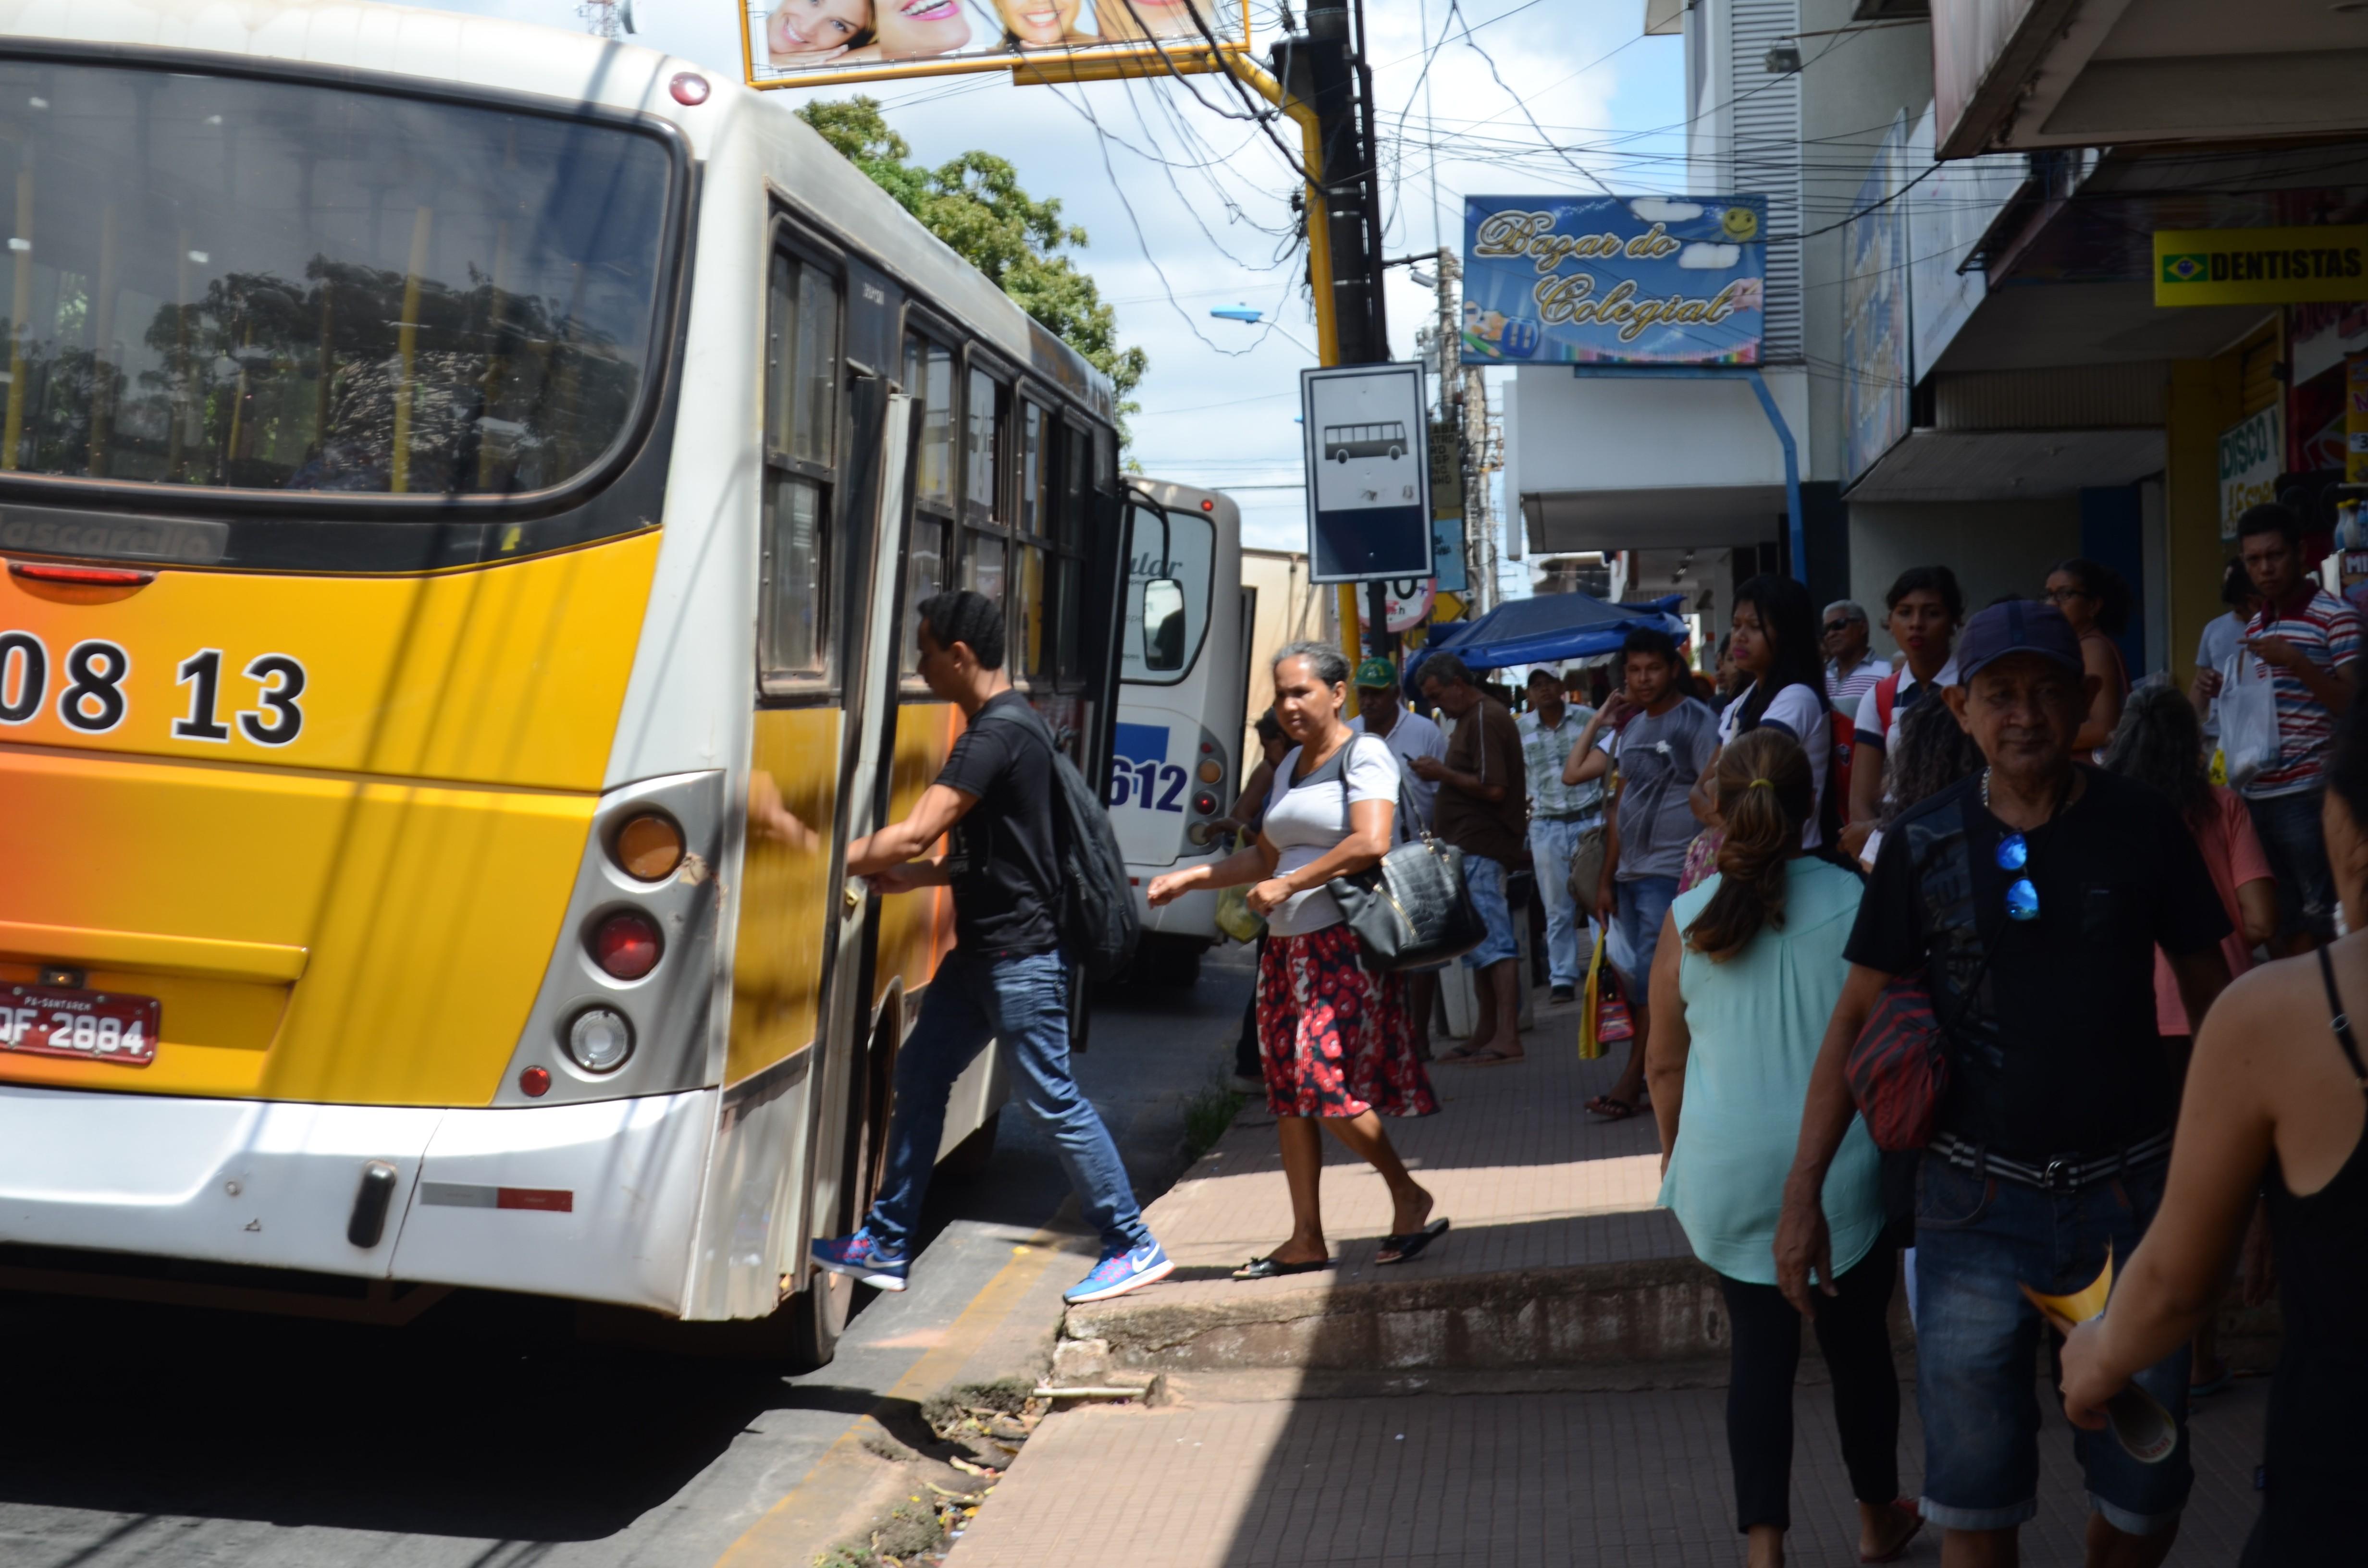 Nova licitação do transporte público em Santarém só ocorrerá após audiências públicas